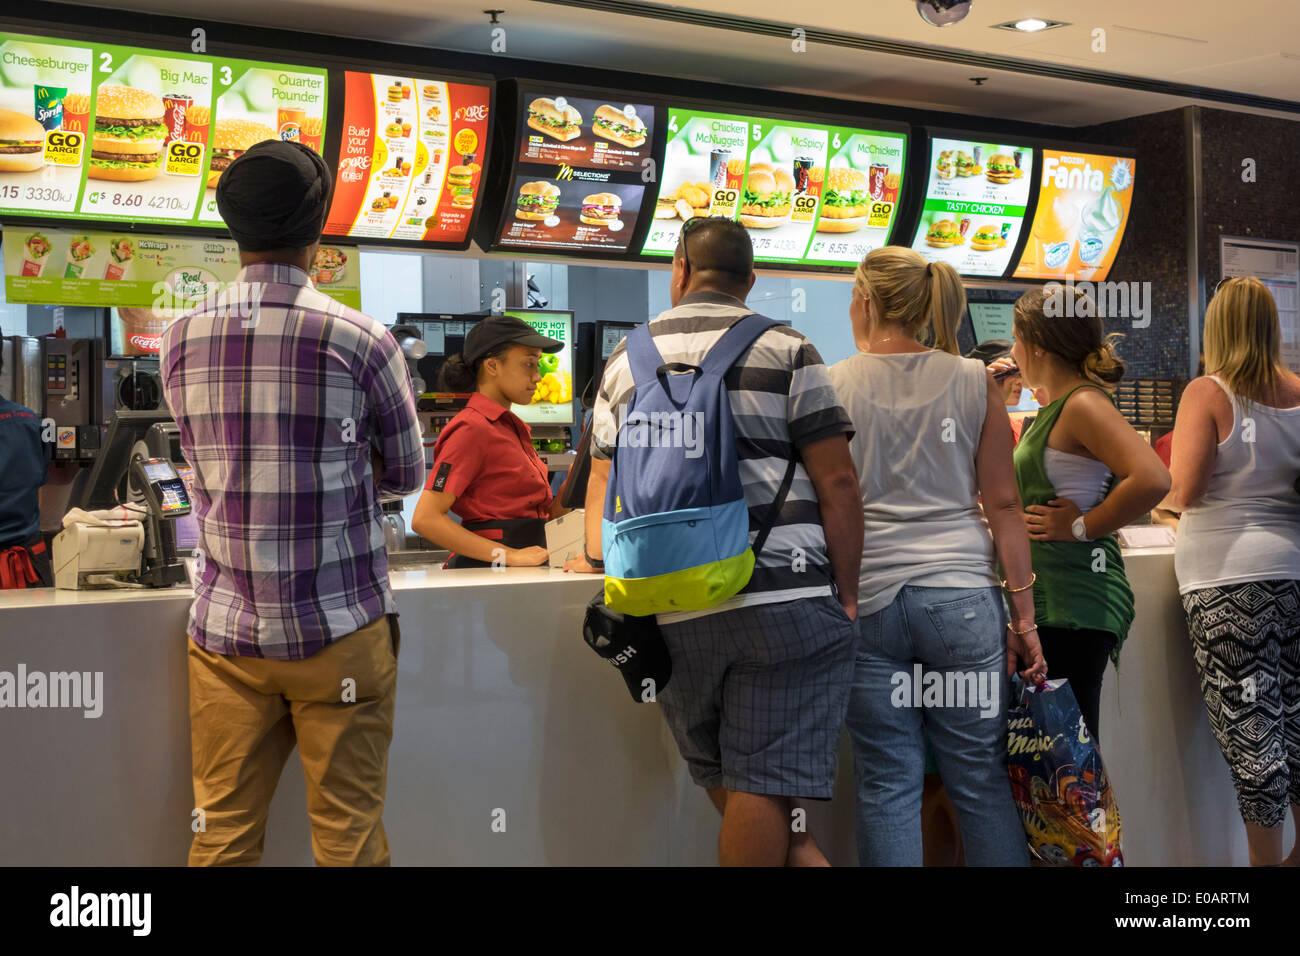 Sydney Australien NSW neue South Wales CBD zentralen Geschäft Bezirk Circular Quay McDonald's Restaurant Fastfood Theke bestellen Black Frau Teen gir Stockbild